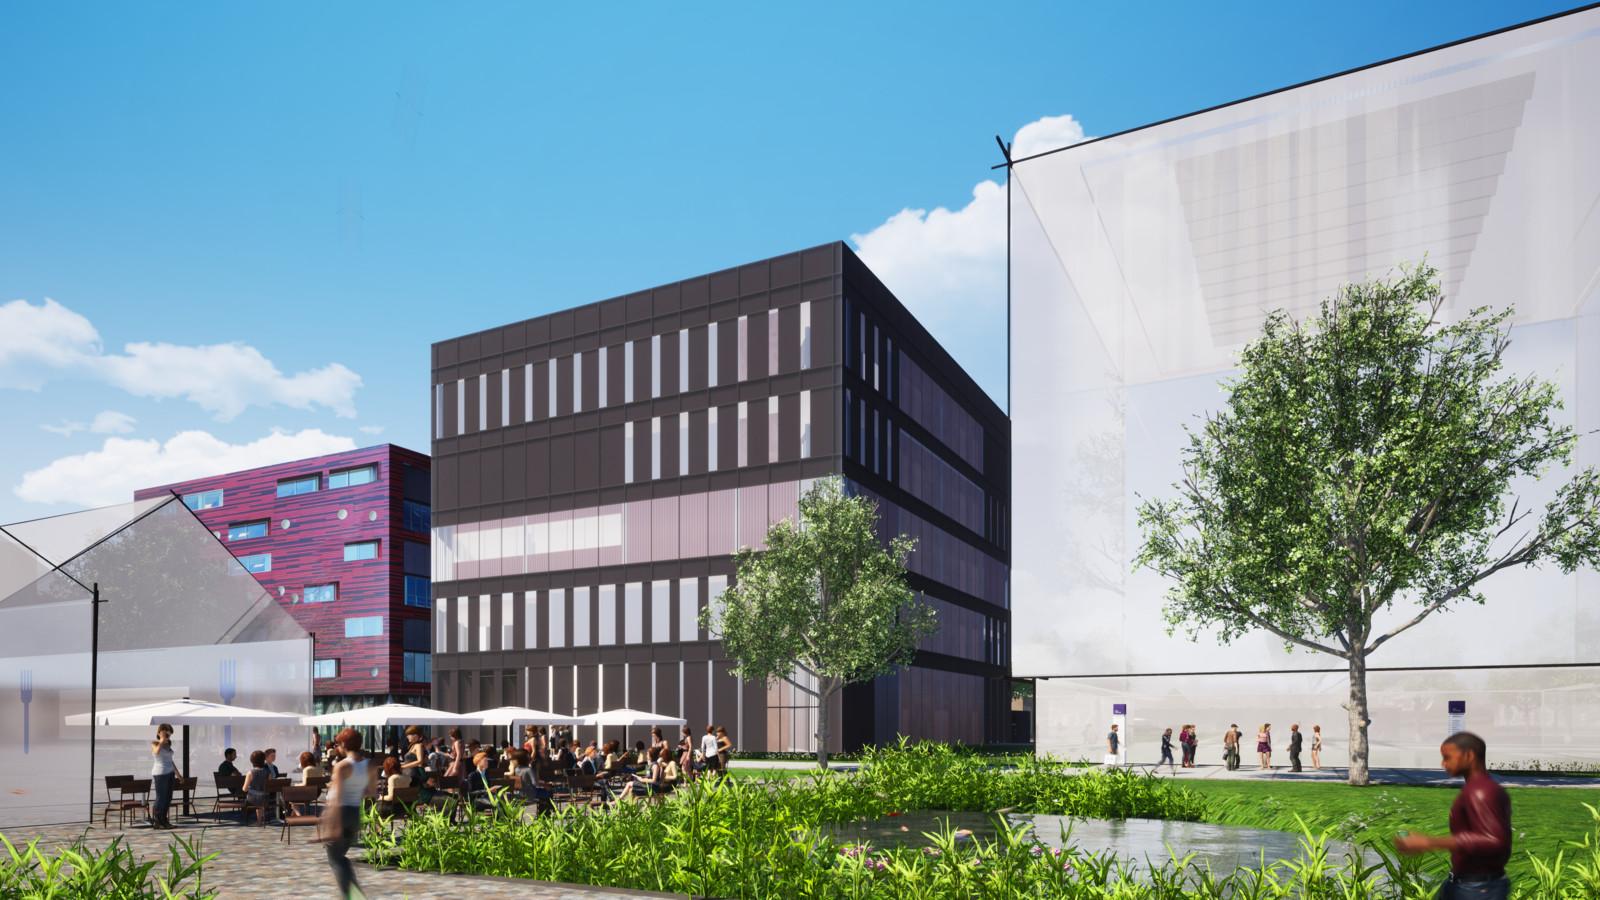 Het zwarte gebouw heeft de werknaam Panther. Hierin vestigt zich één enkel bedrijf, dat volgens alle partijen een grote naam in de farmaceutische wereld is. Linksvoor het campusrestaurant.